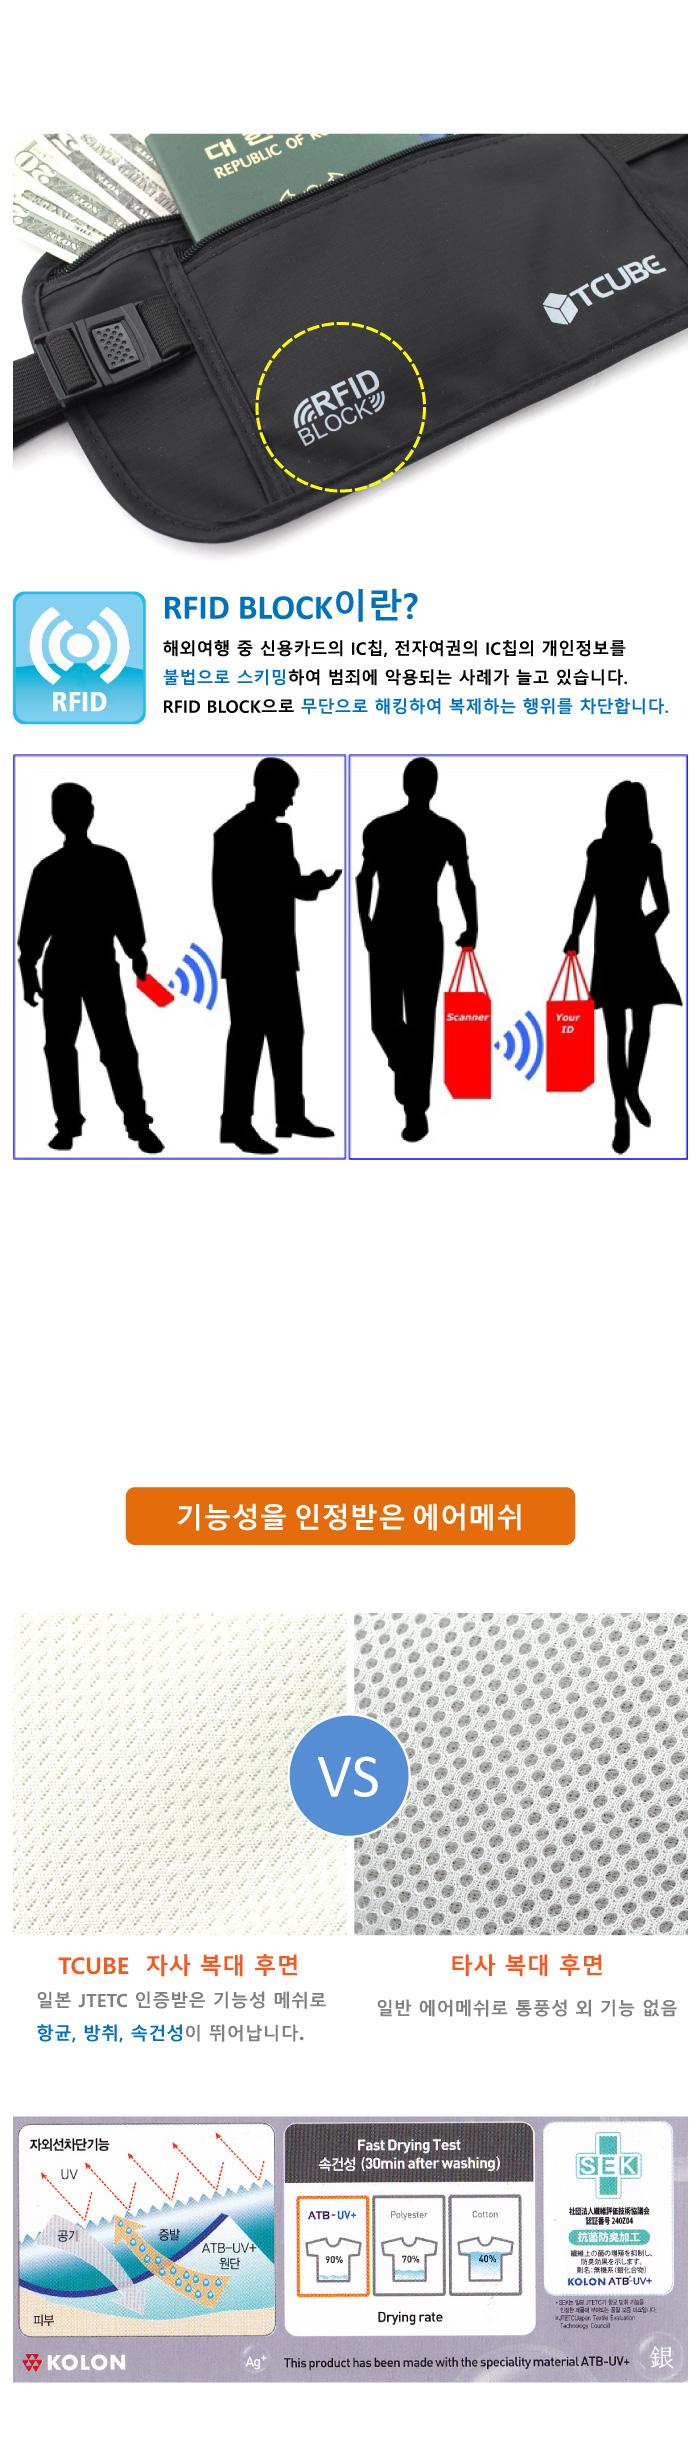 RFID 개인정보 해킹방지_소매치기방지 안전복대-아이보리 - 티큐브, 22,000원, 토트/힙색/허리색, 토트/힙색/허리색